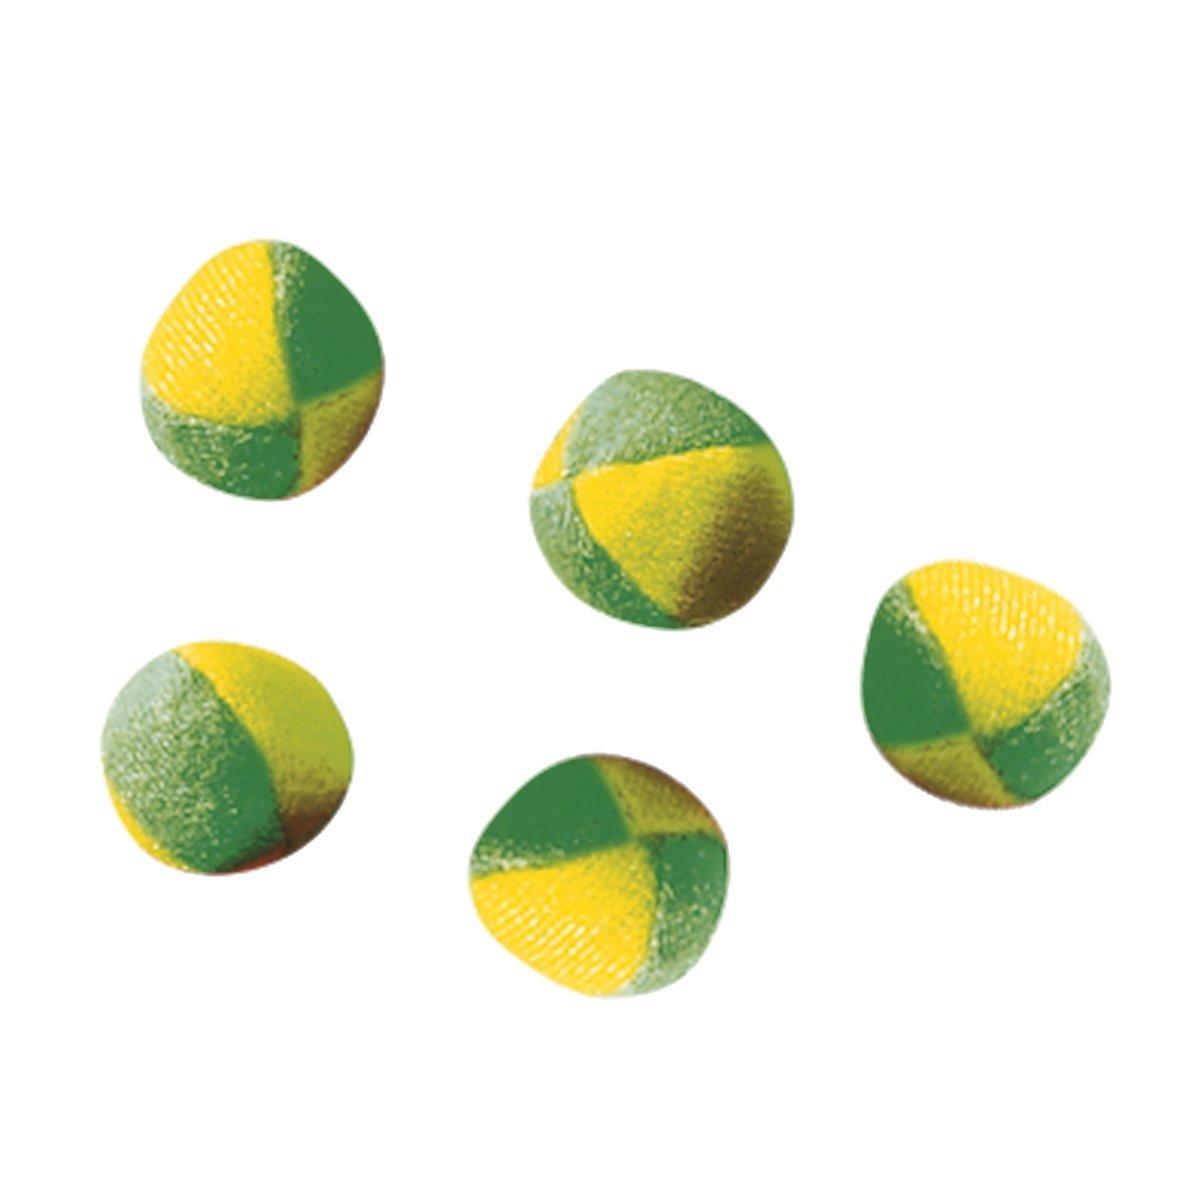 BABY-WALZ Klettwurfspiel Clown Ersatzbälle Kindersport, mehrfarbig